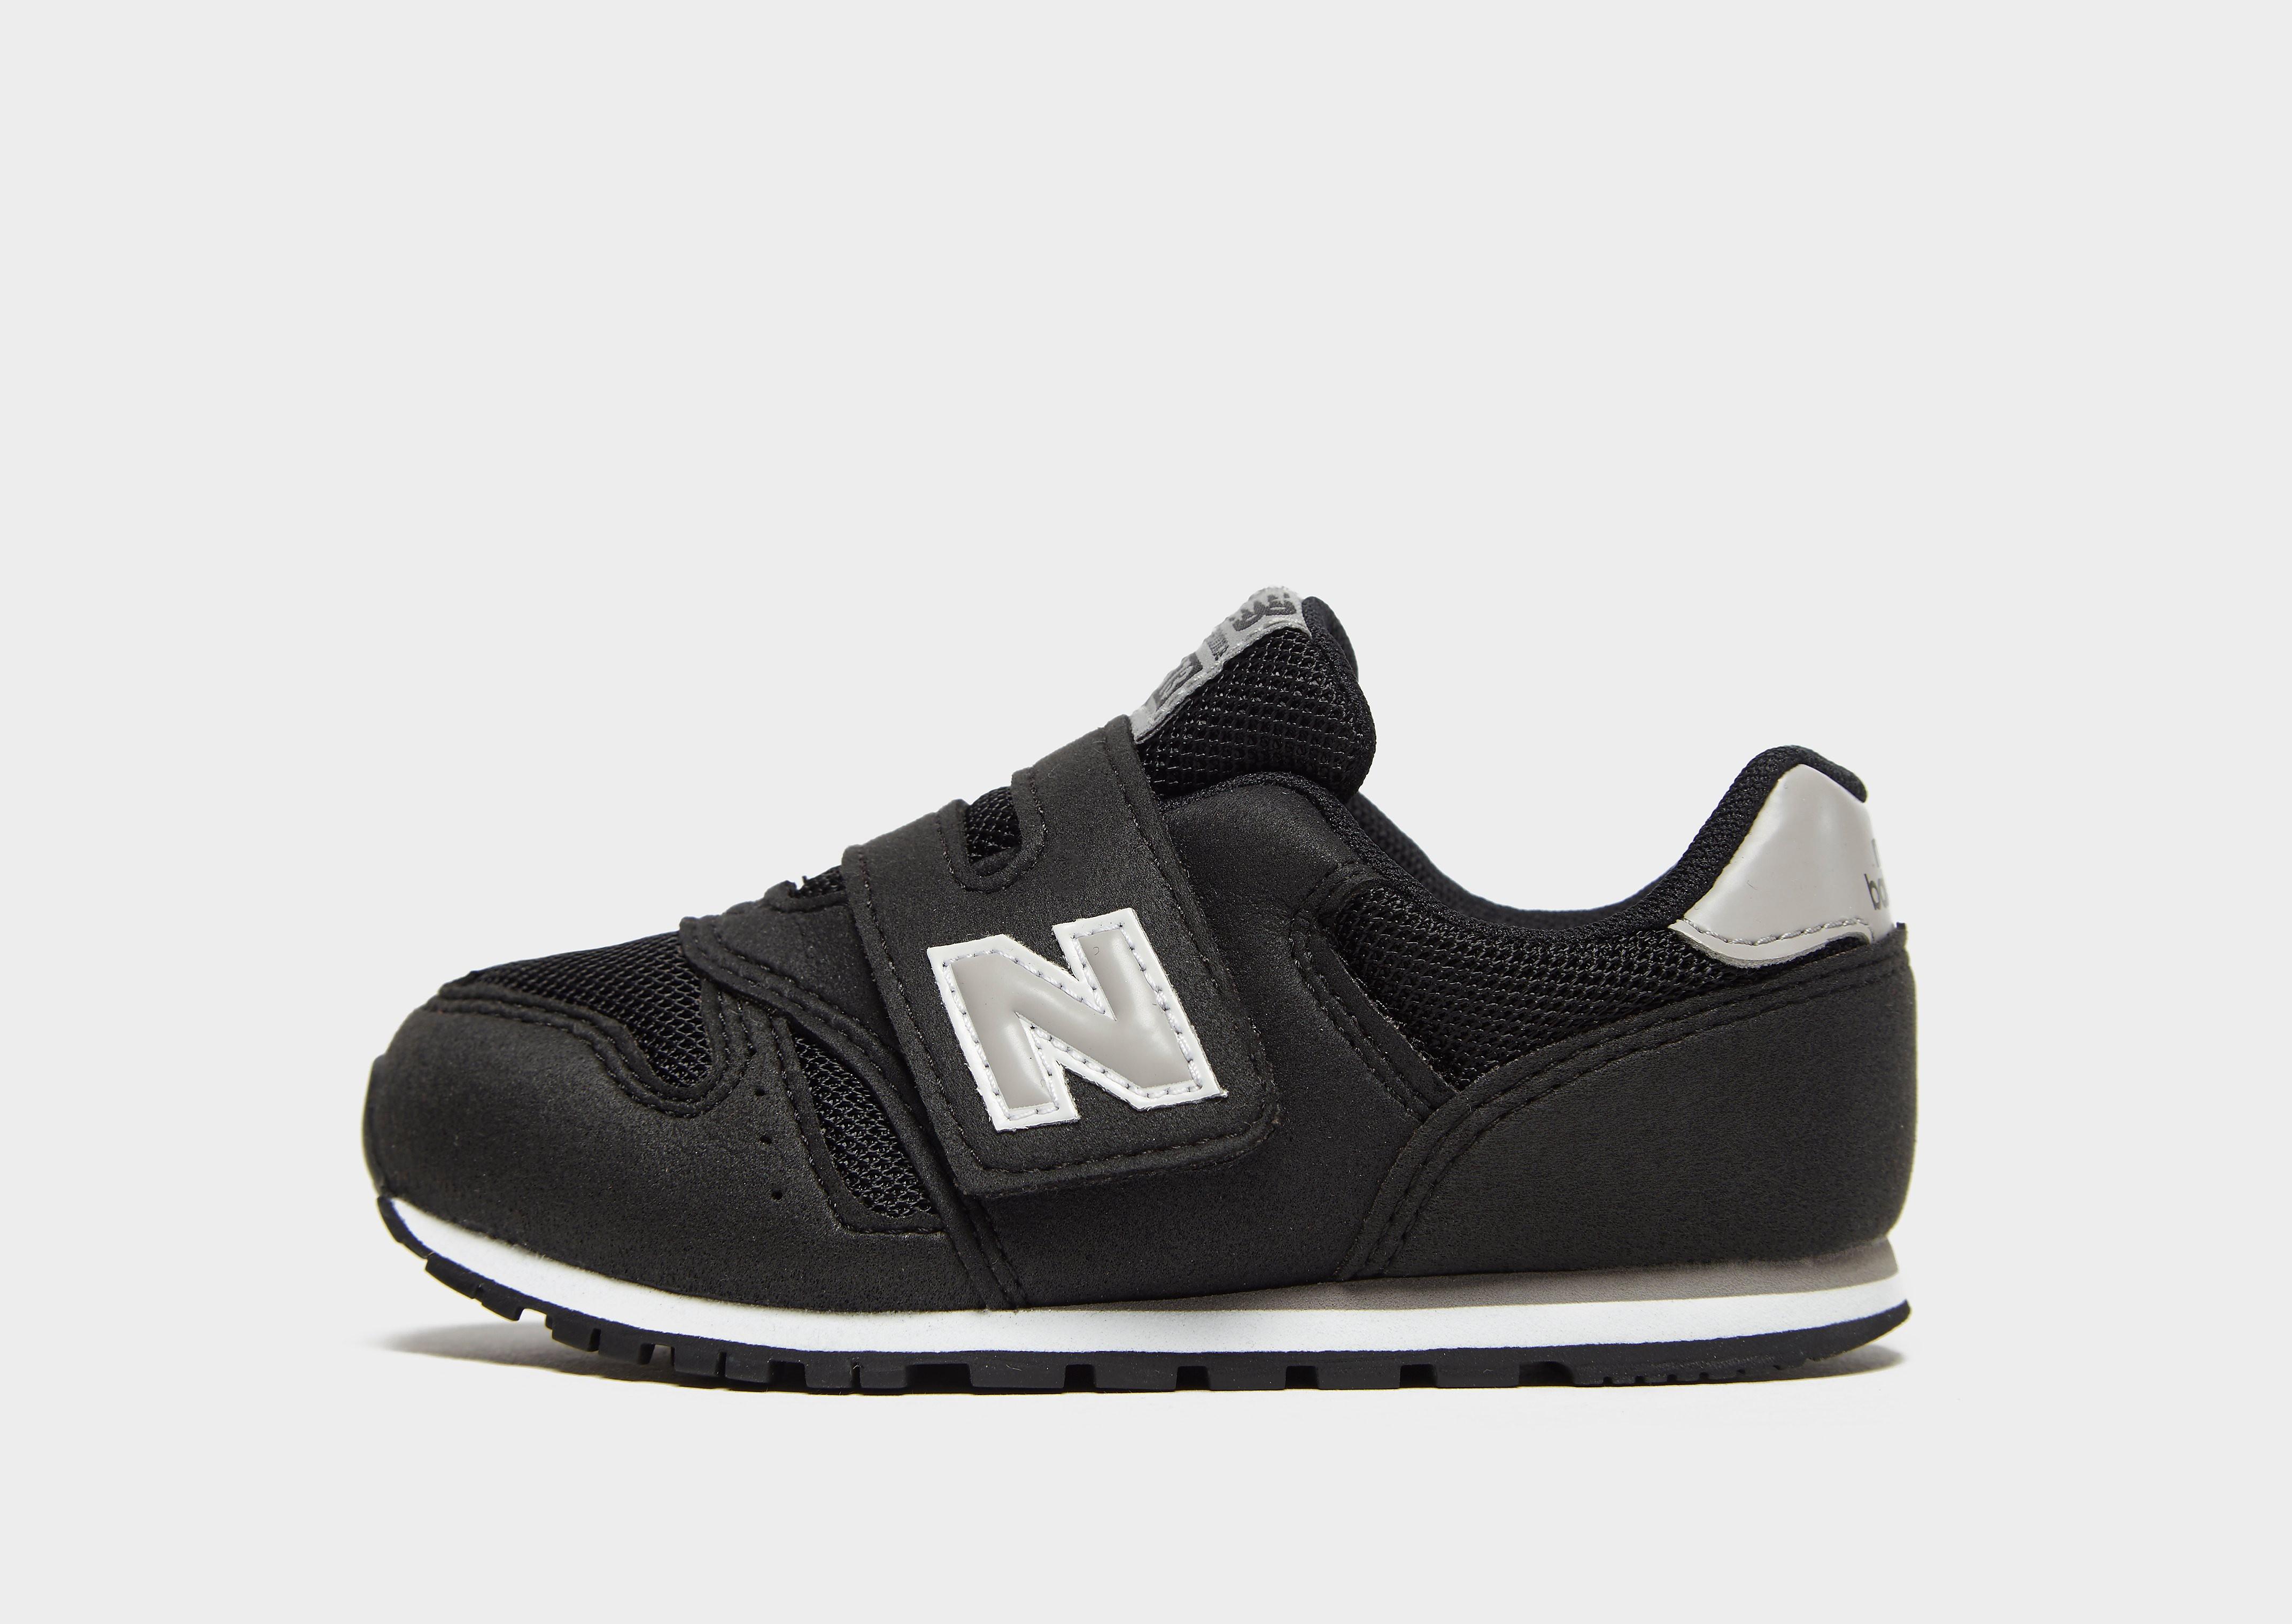 New Balance 373 kindersneaker zwart en grijs